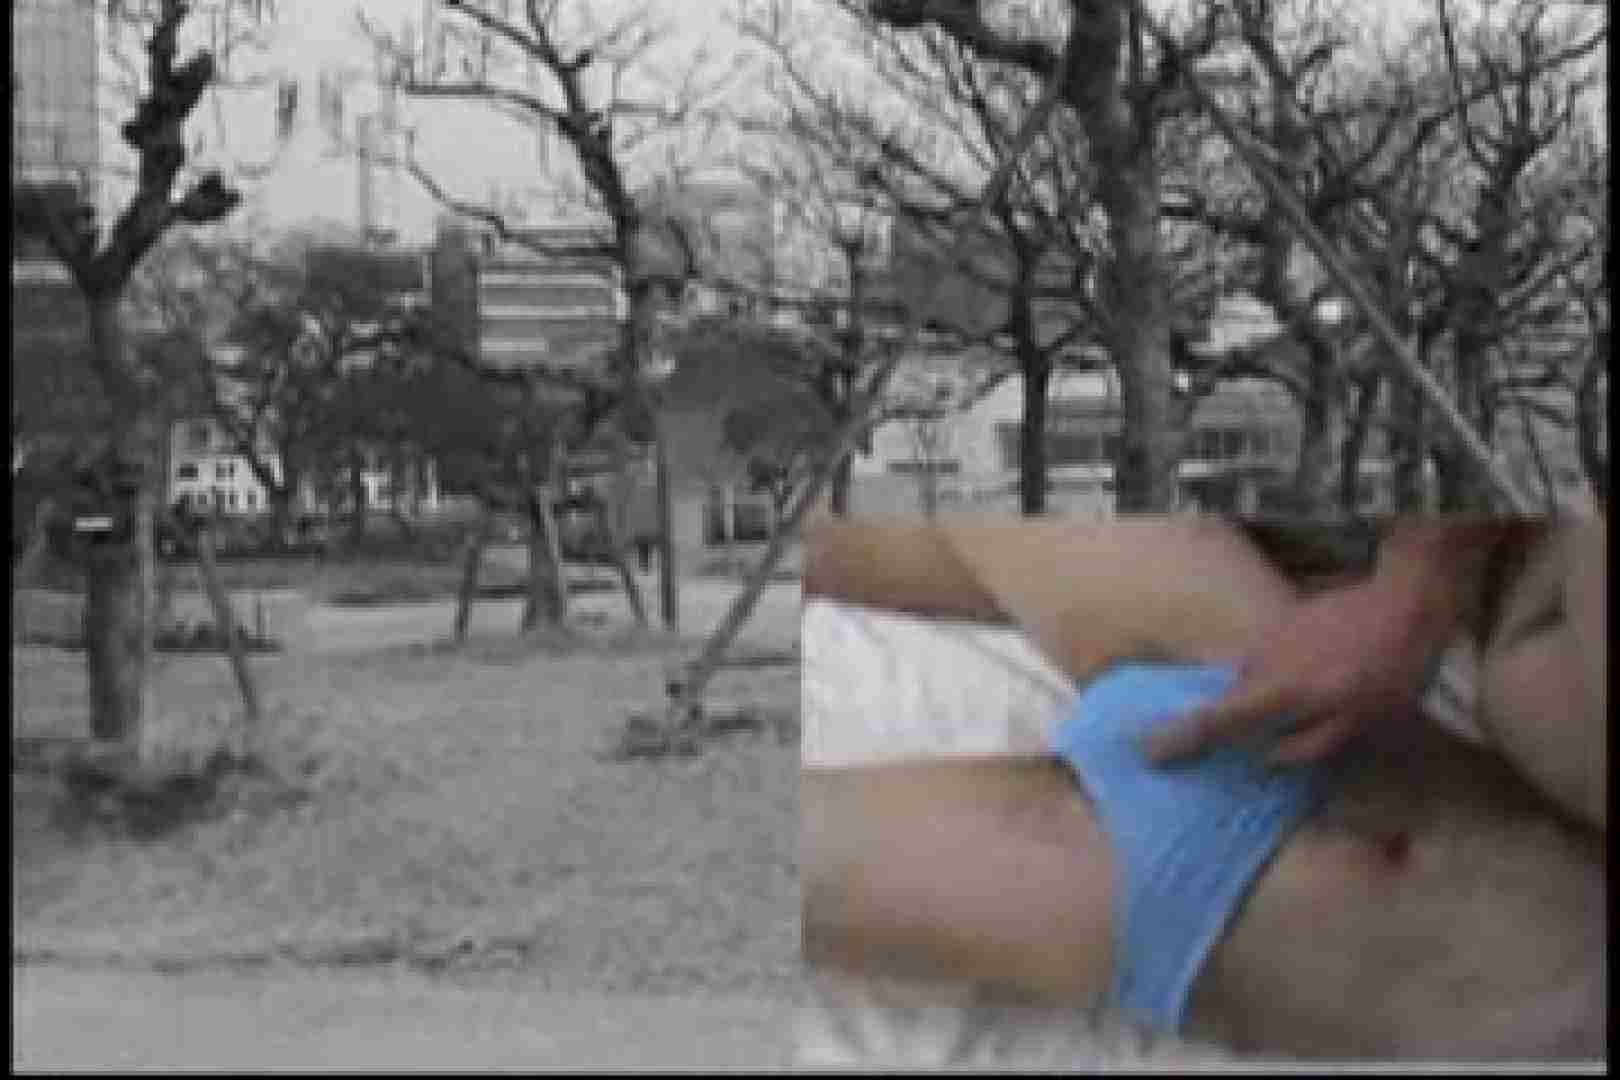 ガテン系男盛り!vol.01 フェラシーン | 男の世界  73画像 19